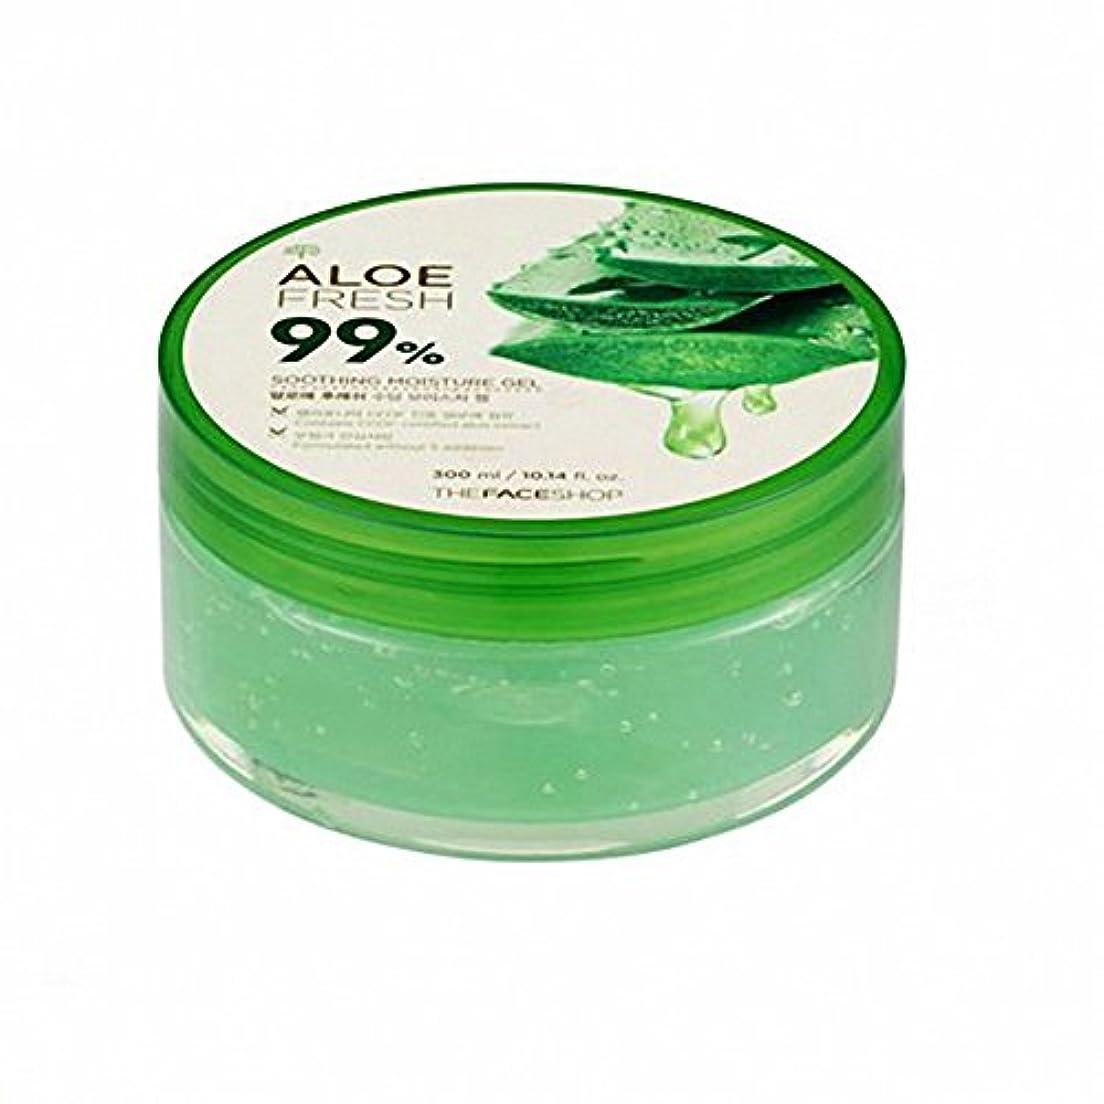 オンス多くの危険がある状況シールザ·フェイスショップ The Face Shopアロエフレッシュスージングモイスチャージェル(300ml) The Face Shop Aloe Fresh Soothing Moisture Gel 300ml [海外直送品]